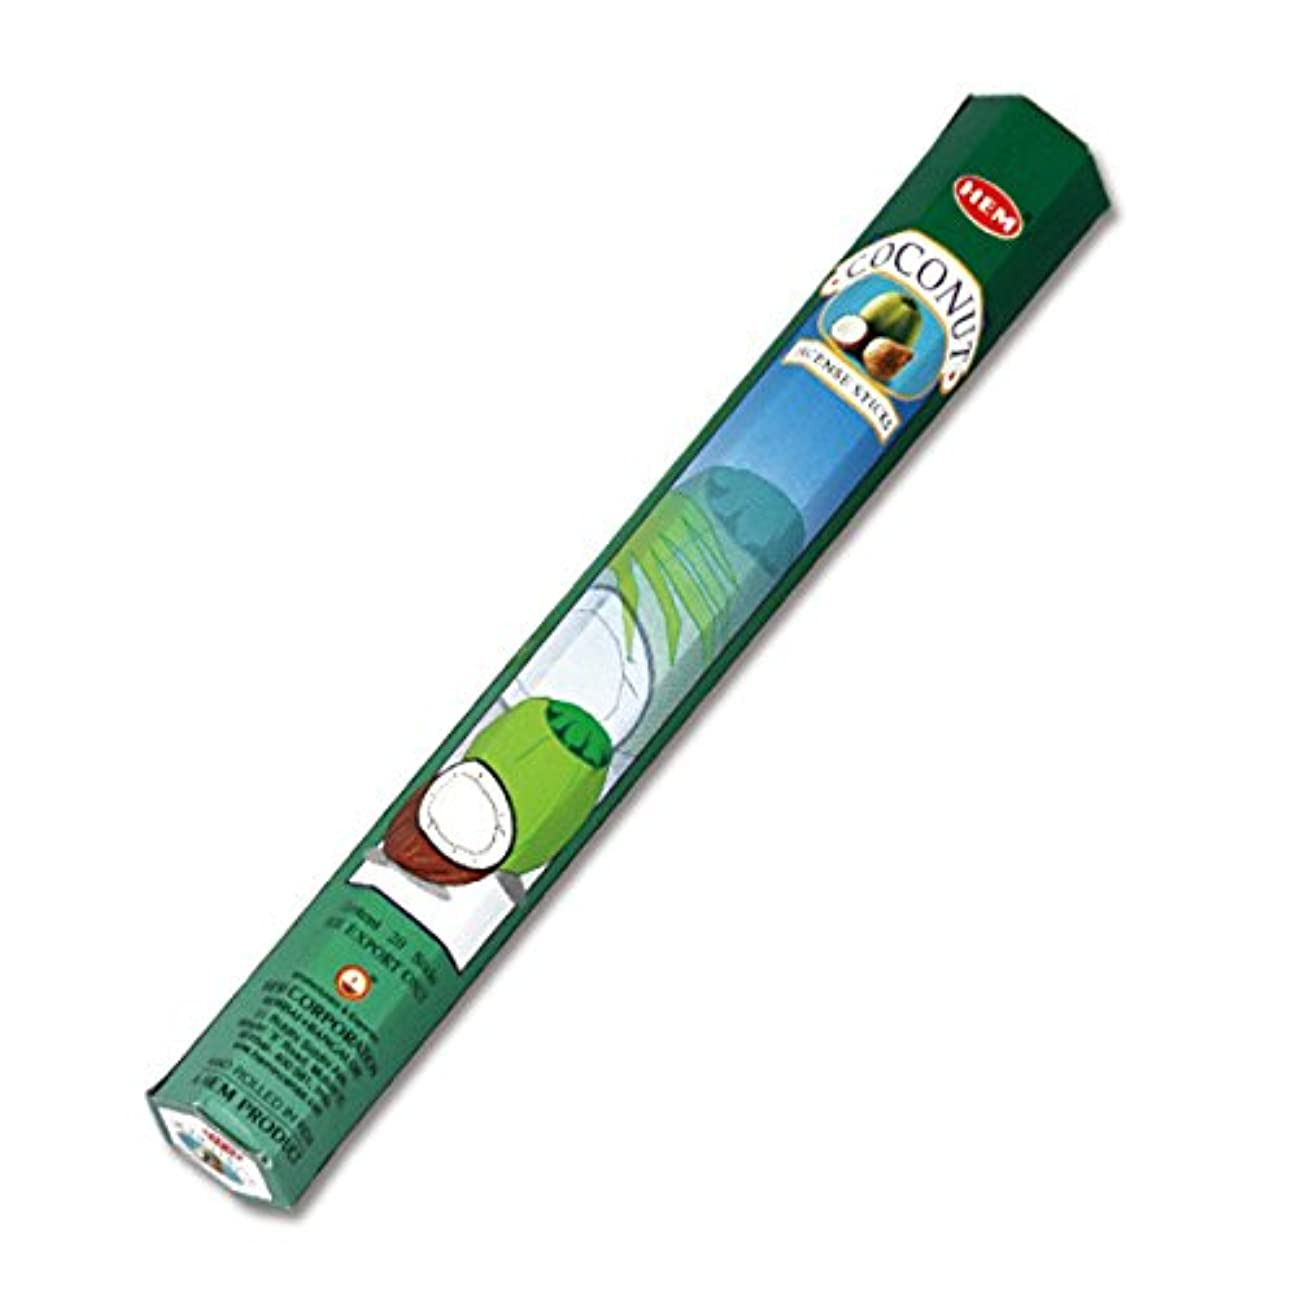 ジョイントグレーミリメートルHEM(ヘム) ココナッツ COCONUT スティックタイプ お香 1筒 単品 [並行輸入品]